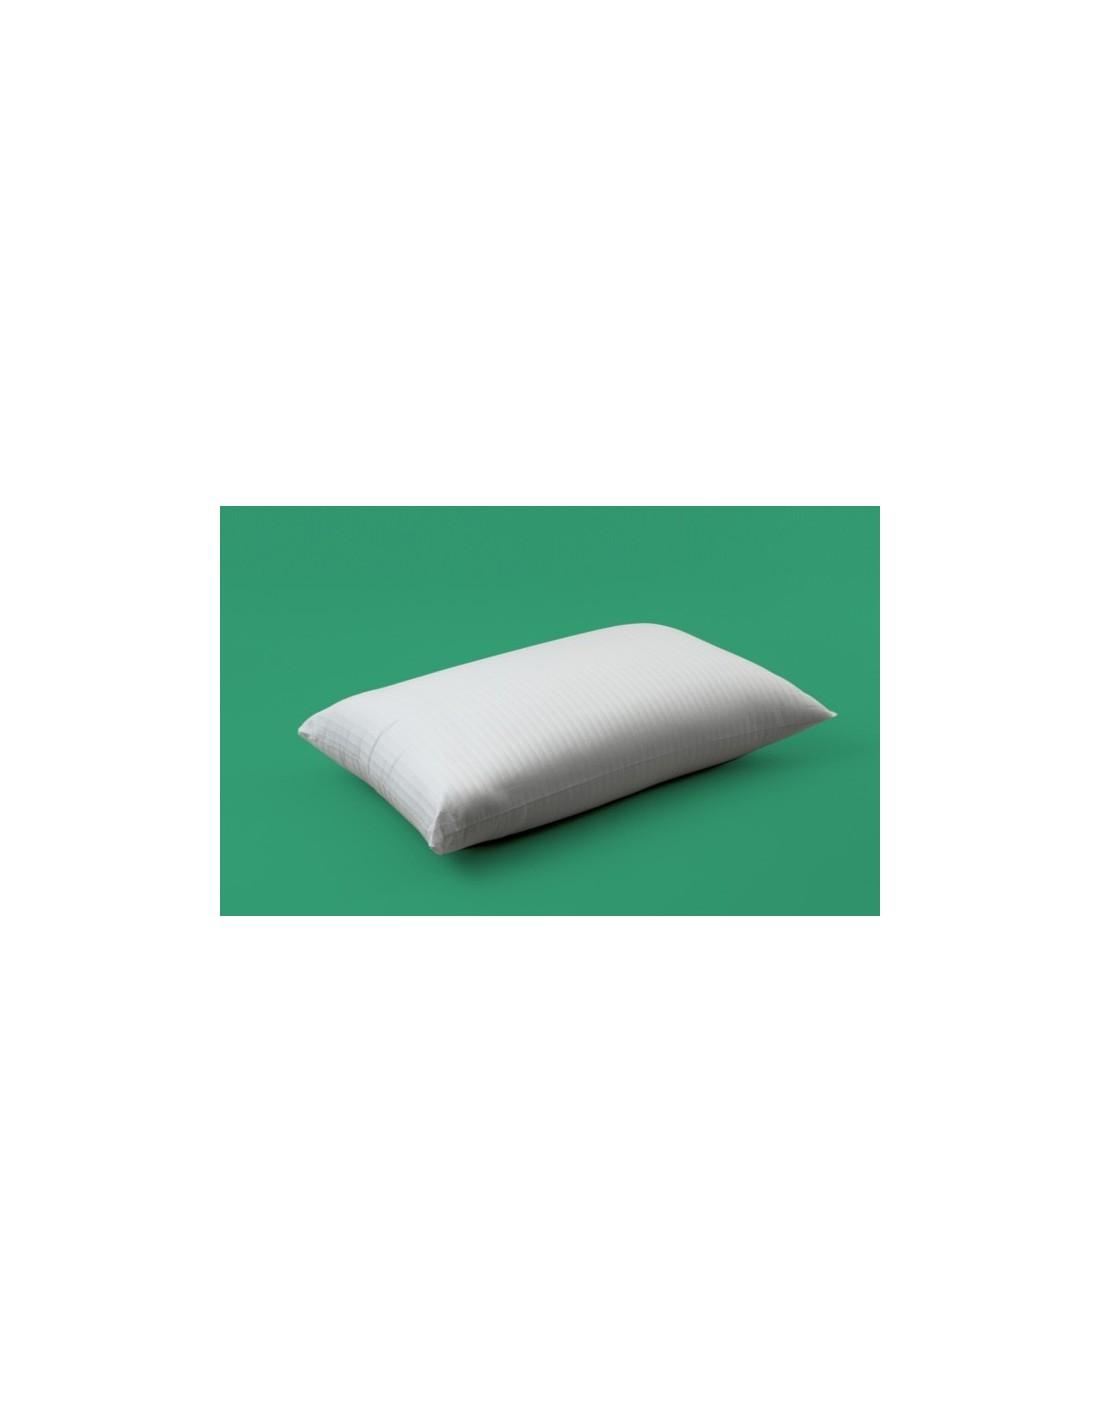 Cuscino alto ad alta densit cuscini duri e cuscino sostenuto